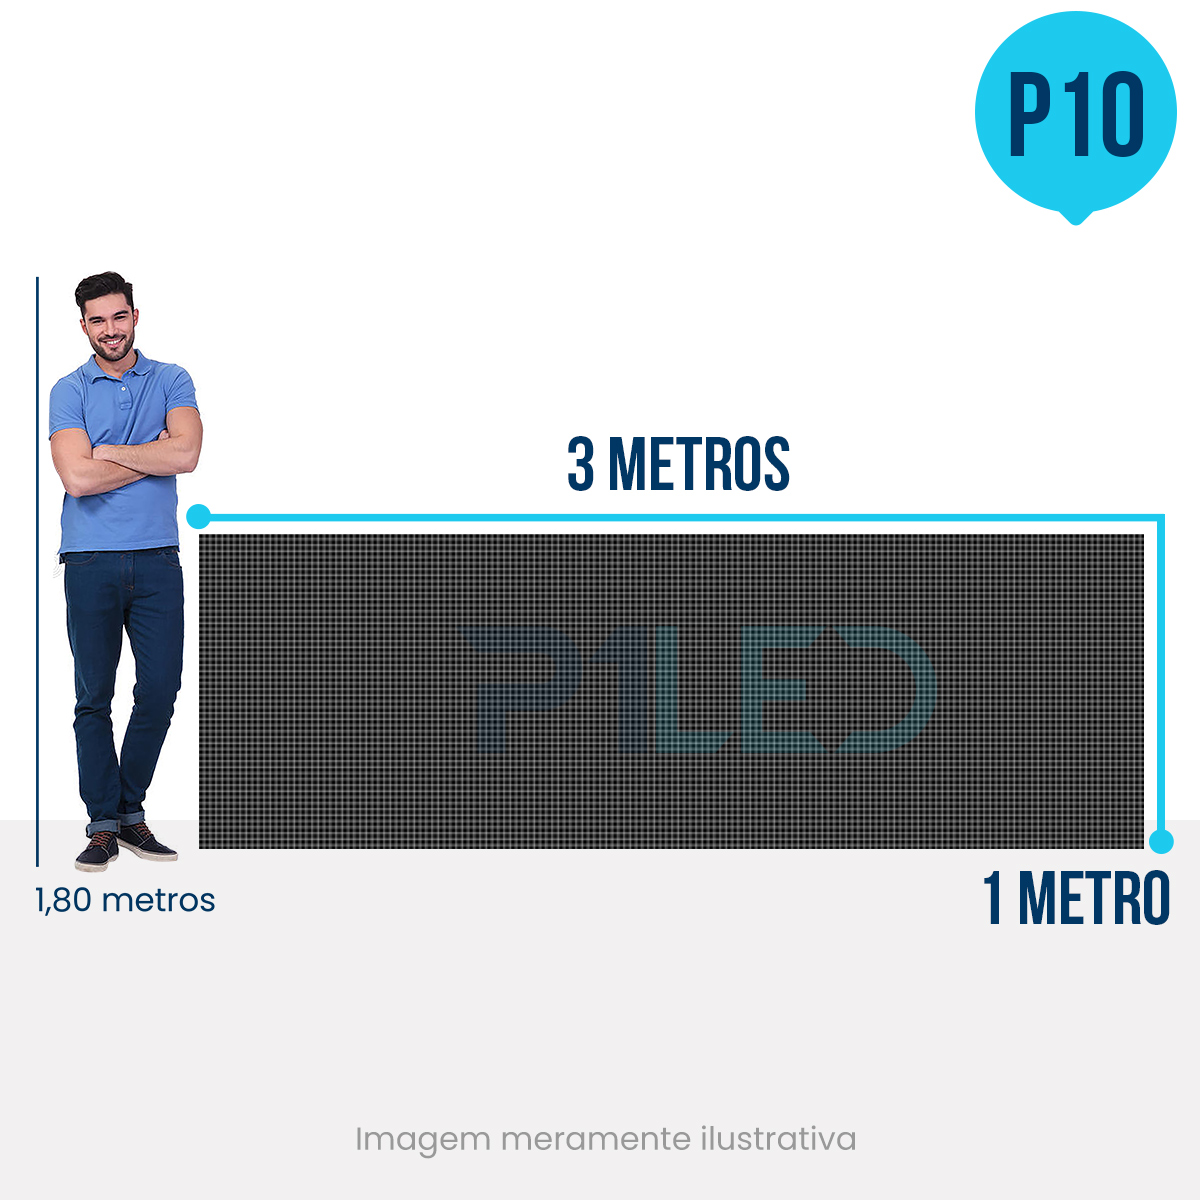 Painel de LED para Posto de Gasolina 3x1 - Telão P10 Outdoor  - Painel e Telão de LED - O Melhor Preço em Painel de LED | P1LED